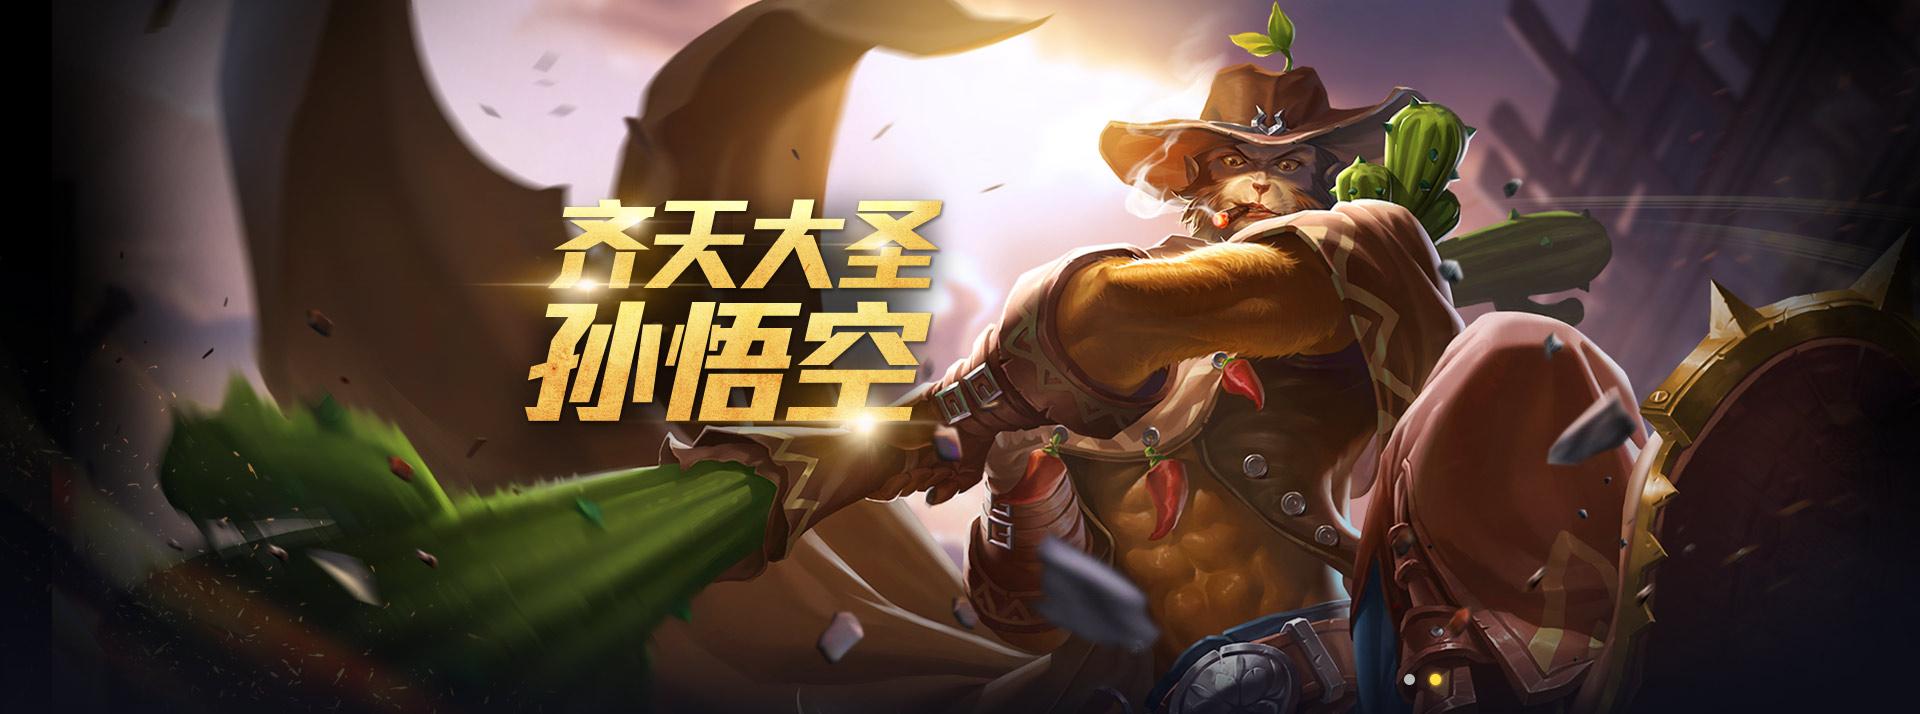 第2弹《王者荣耀英雄皮肤CG》竞技游戏144